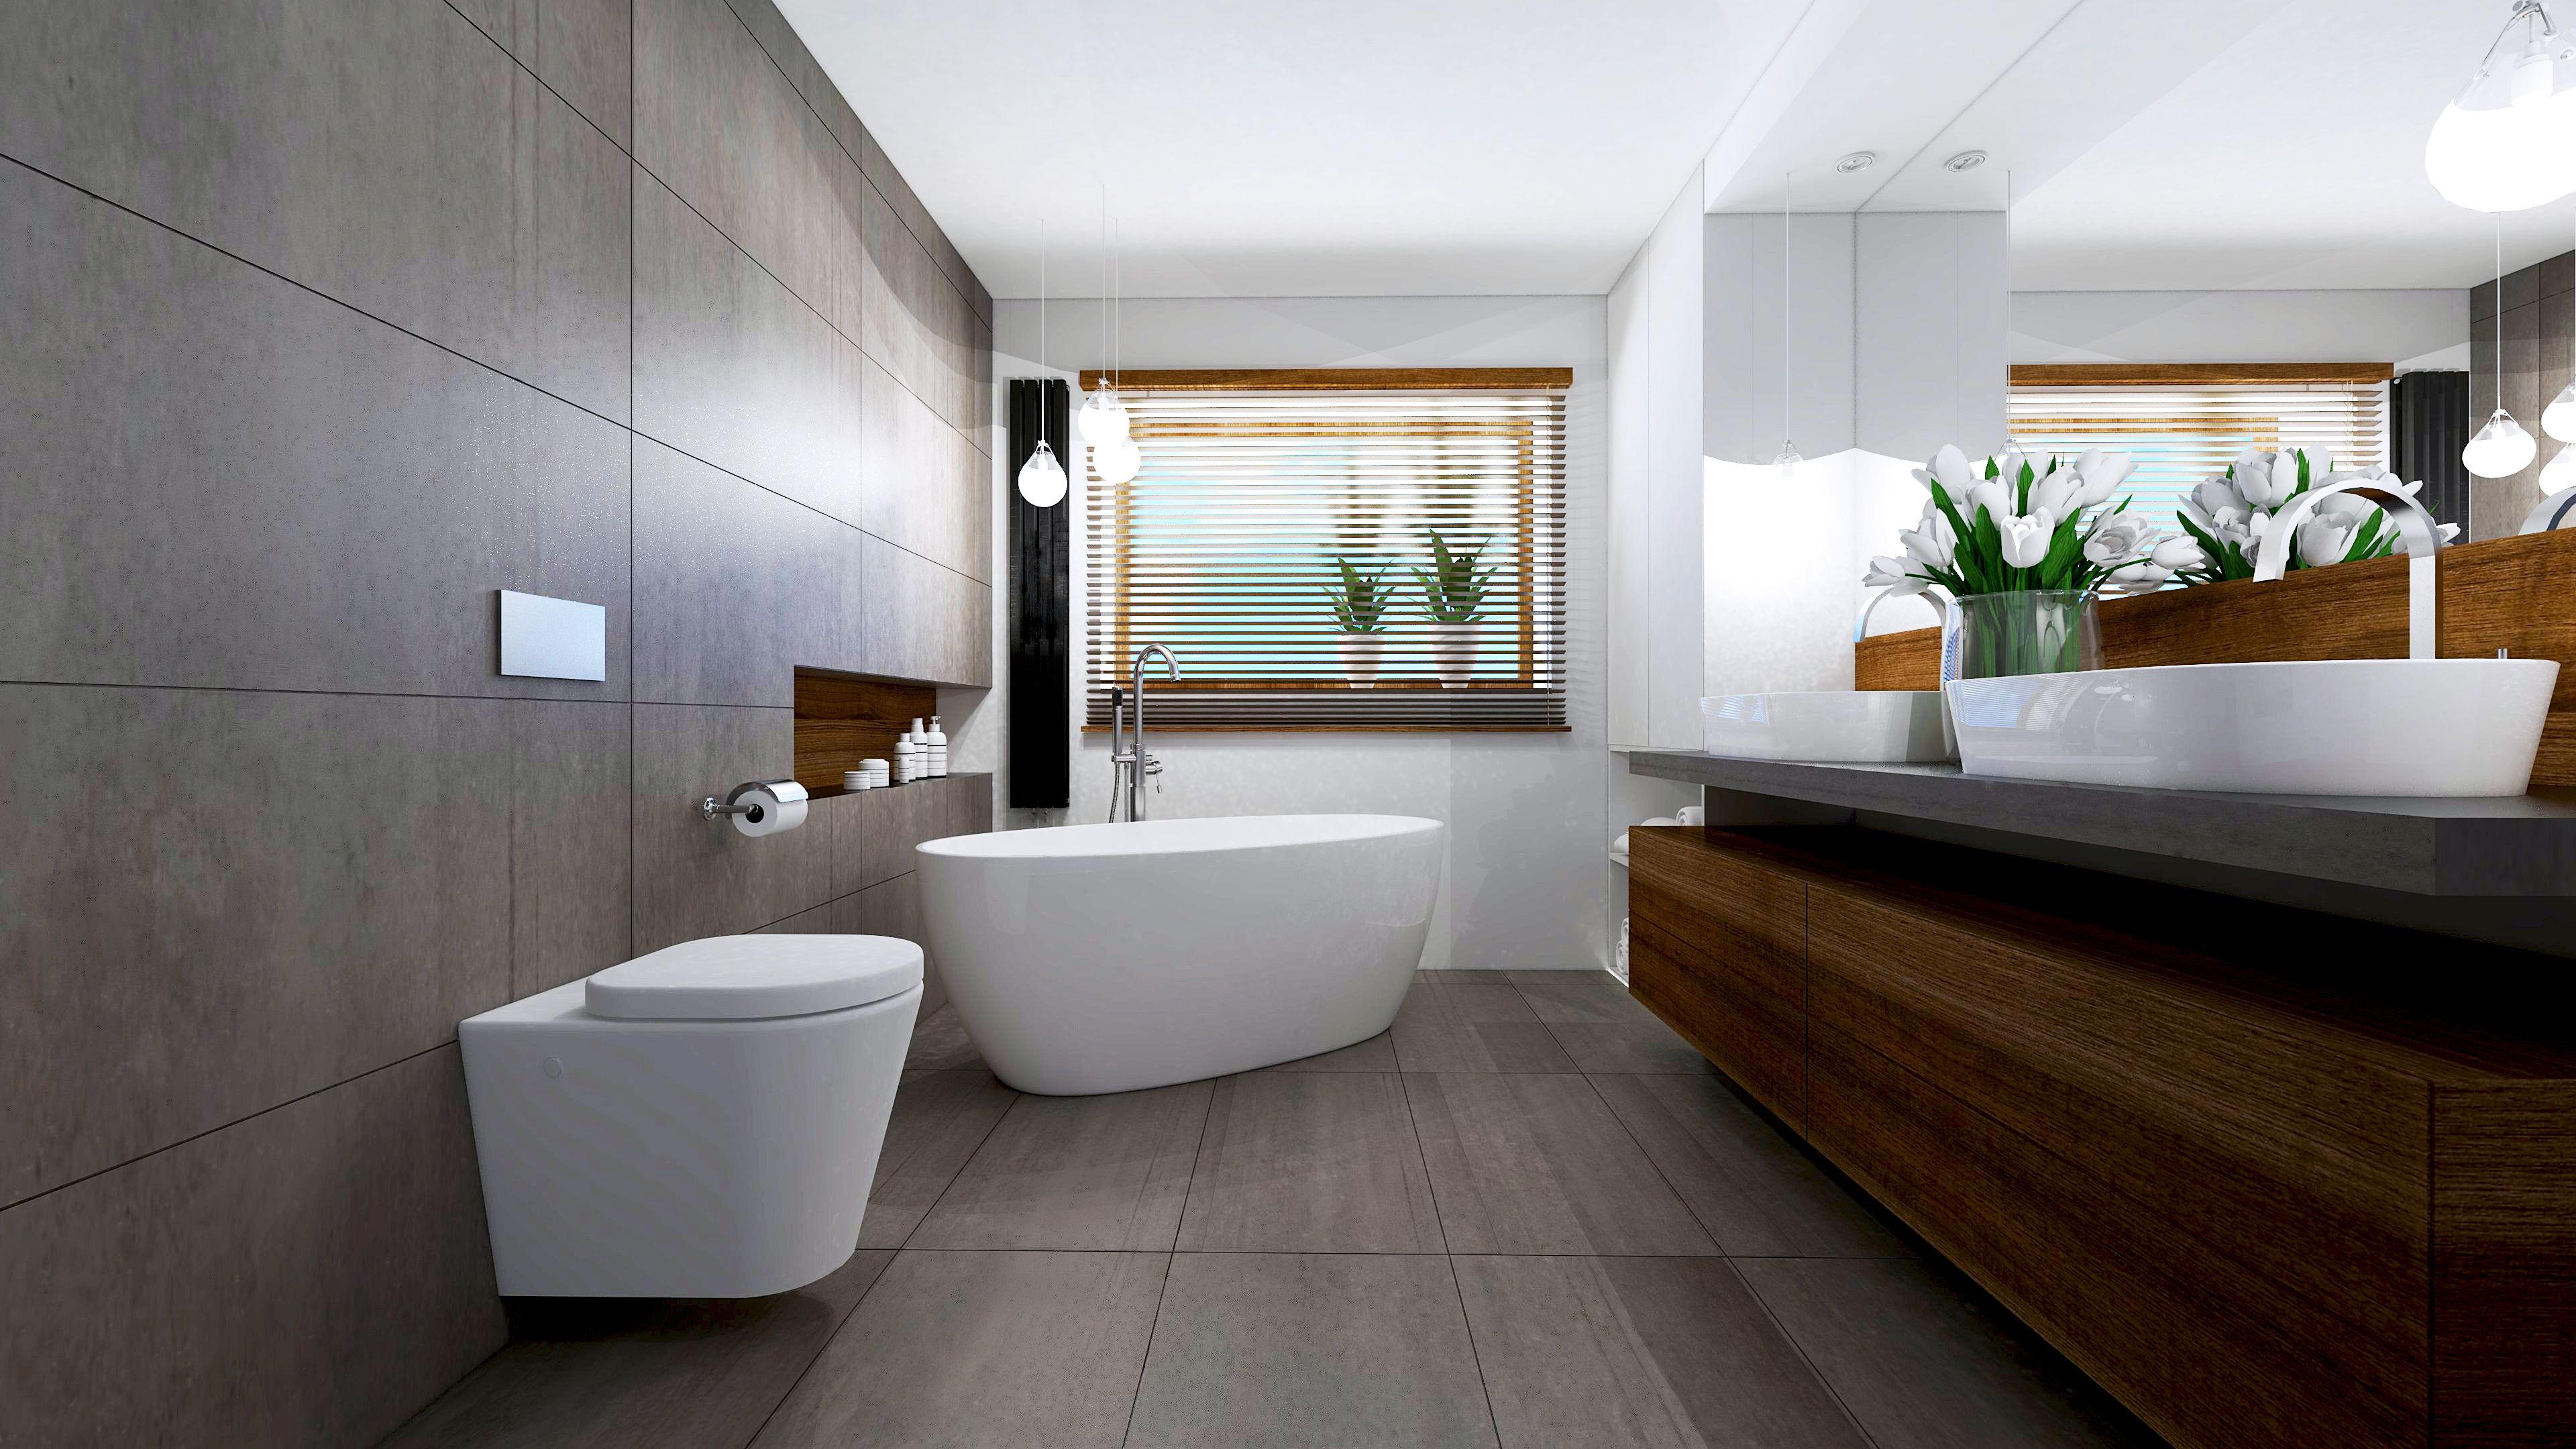 Aranżacja łazienki – o czym należy pamiętać?